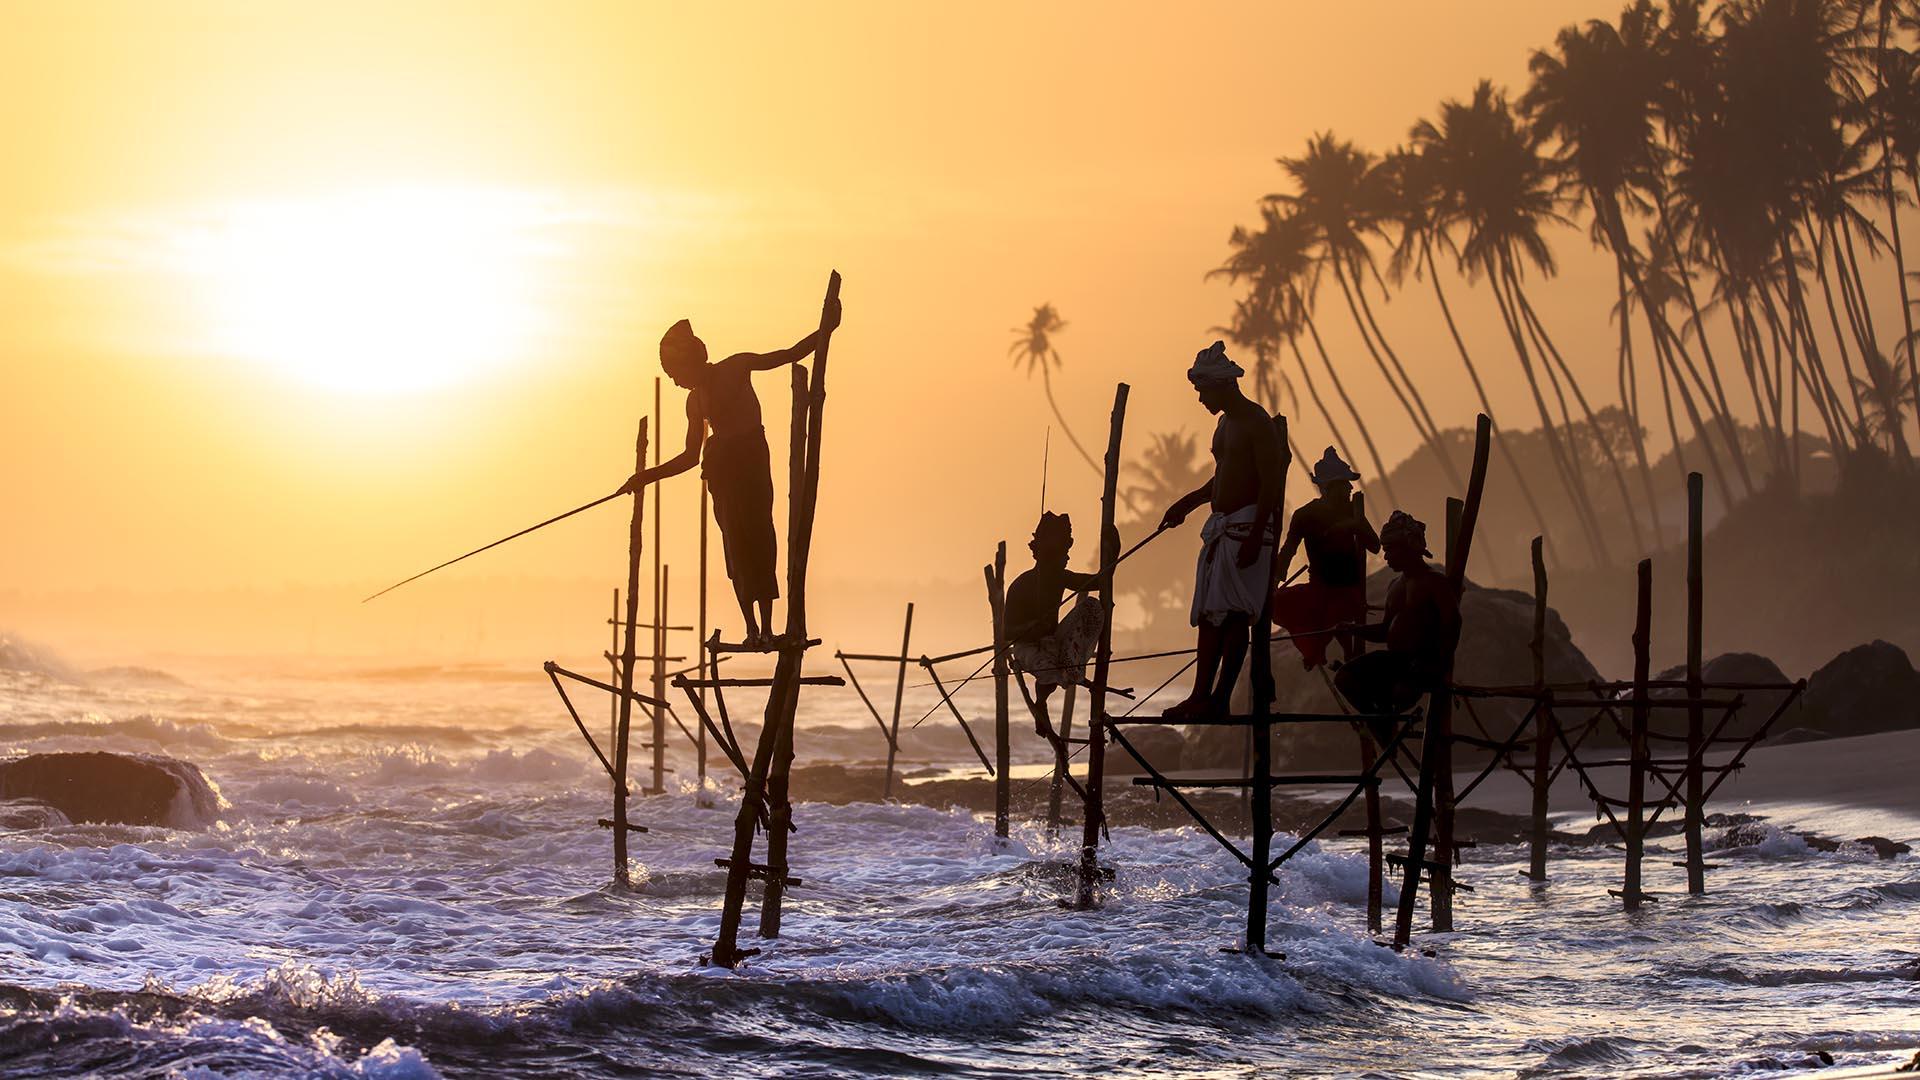 En los diez años transcurridos desde que la guerra civil de Sri Lanka terminó en 2009, el turismo se recuperó con fuerza, con el encanto de sus sugerentes fincas de té, deliciosa comida y magníficas playas (especialmente a lo largo de la costa sur alrededor de Galle) atrayendo a los turistas en masa. Sin embargo, el trágico ataque terrorista de la Pascua pasada impactó fuertemente el número de visitantes, con una caída del 20 por ciento en comparación con 2018